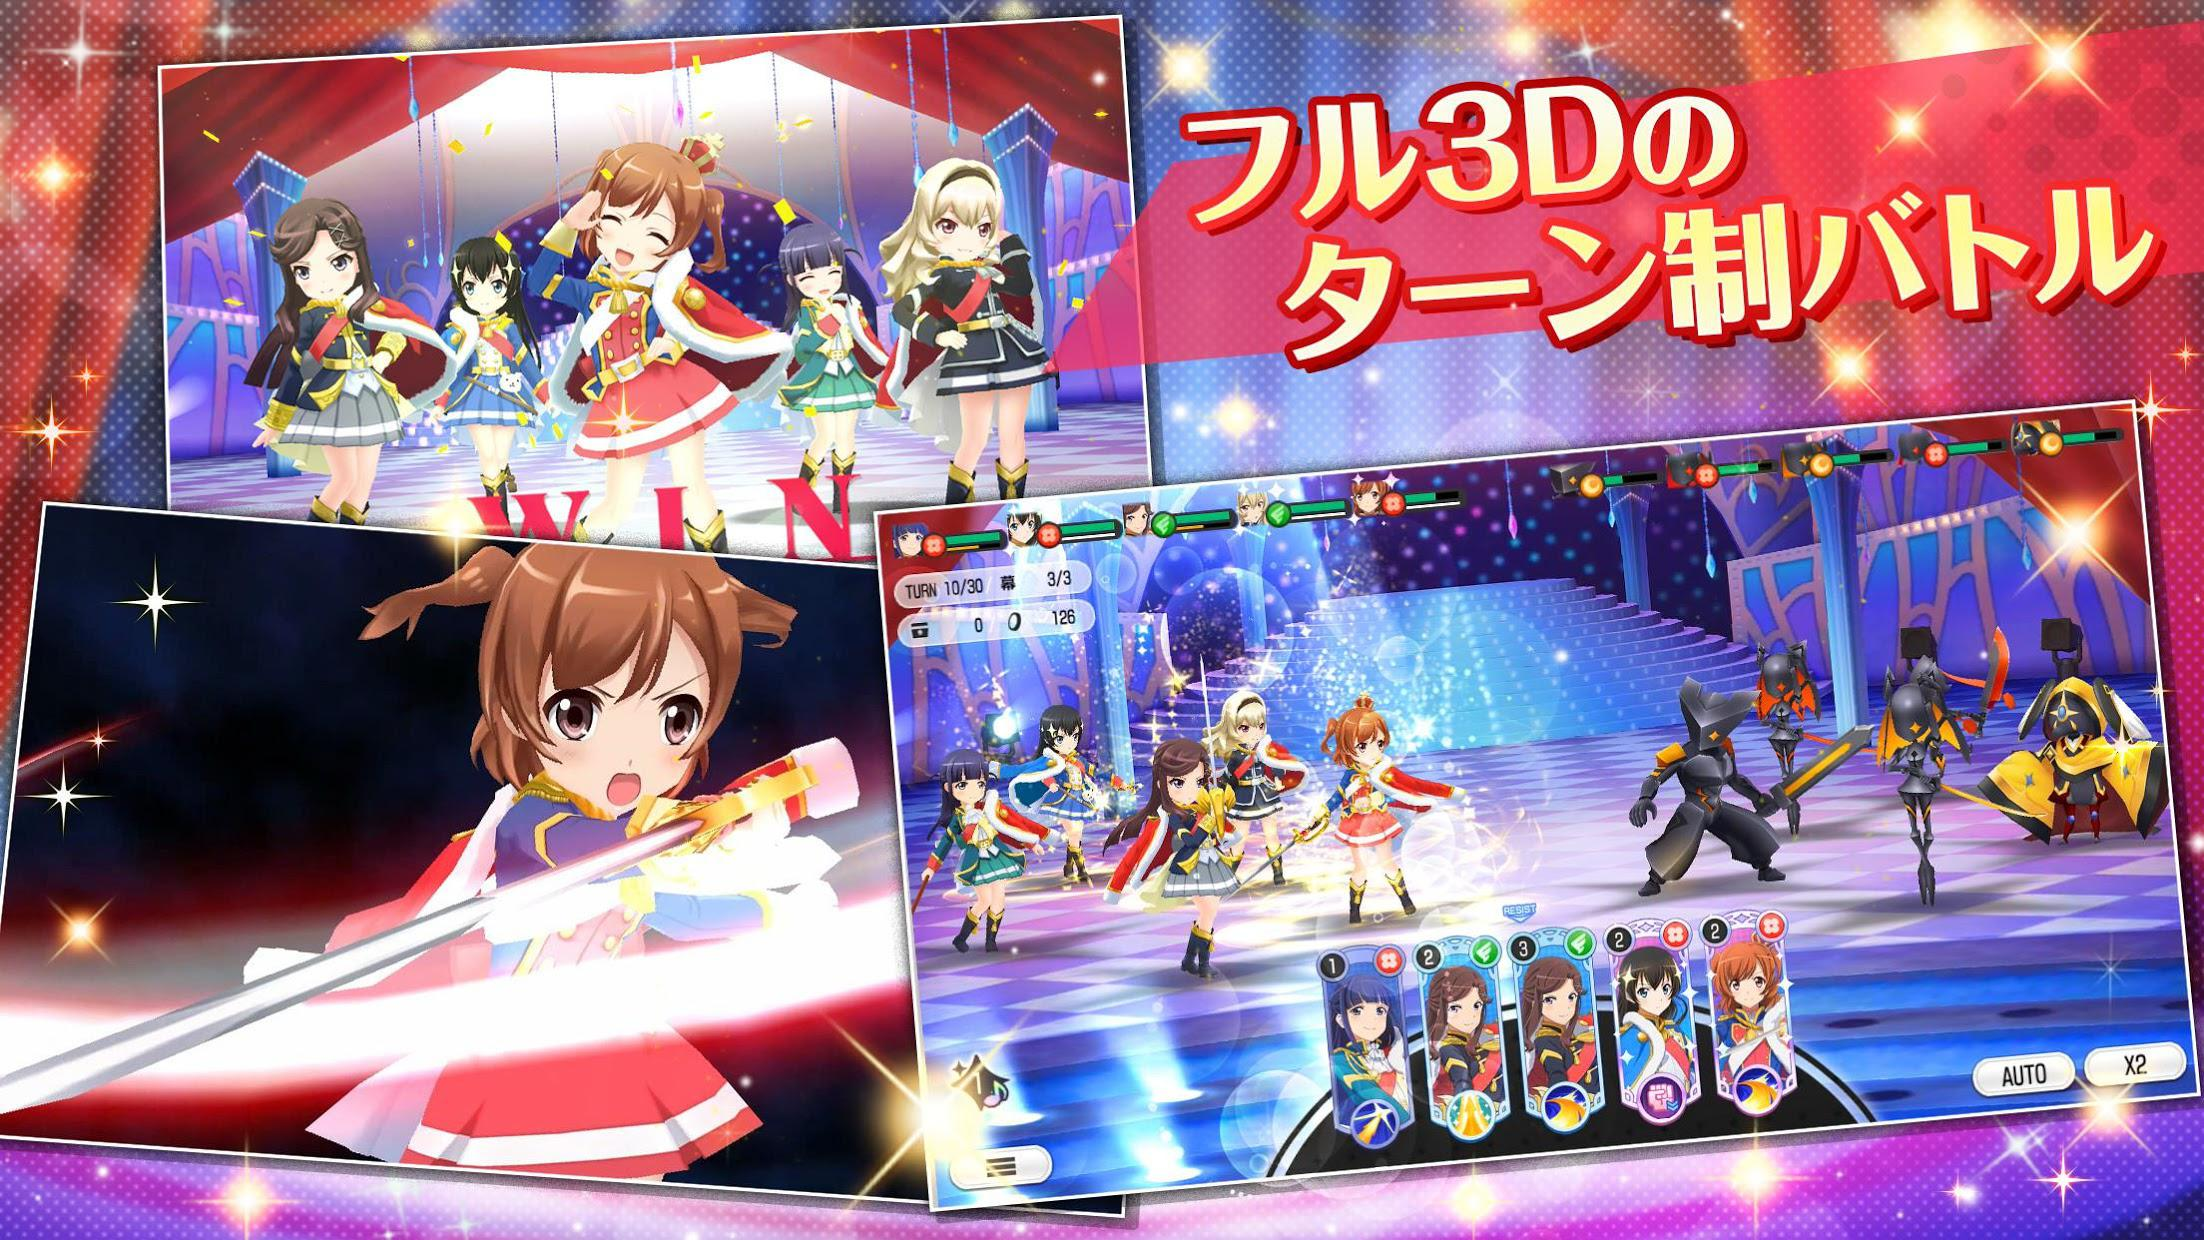 少女歌剧 Revue Starlight(日服) 游戏截图2